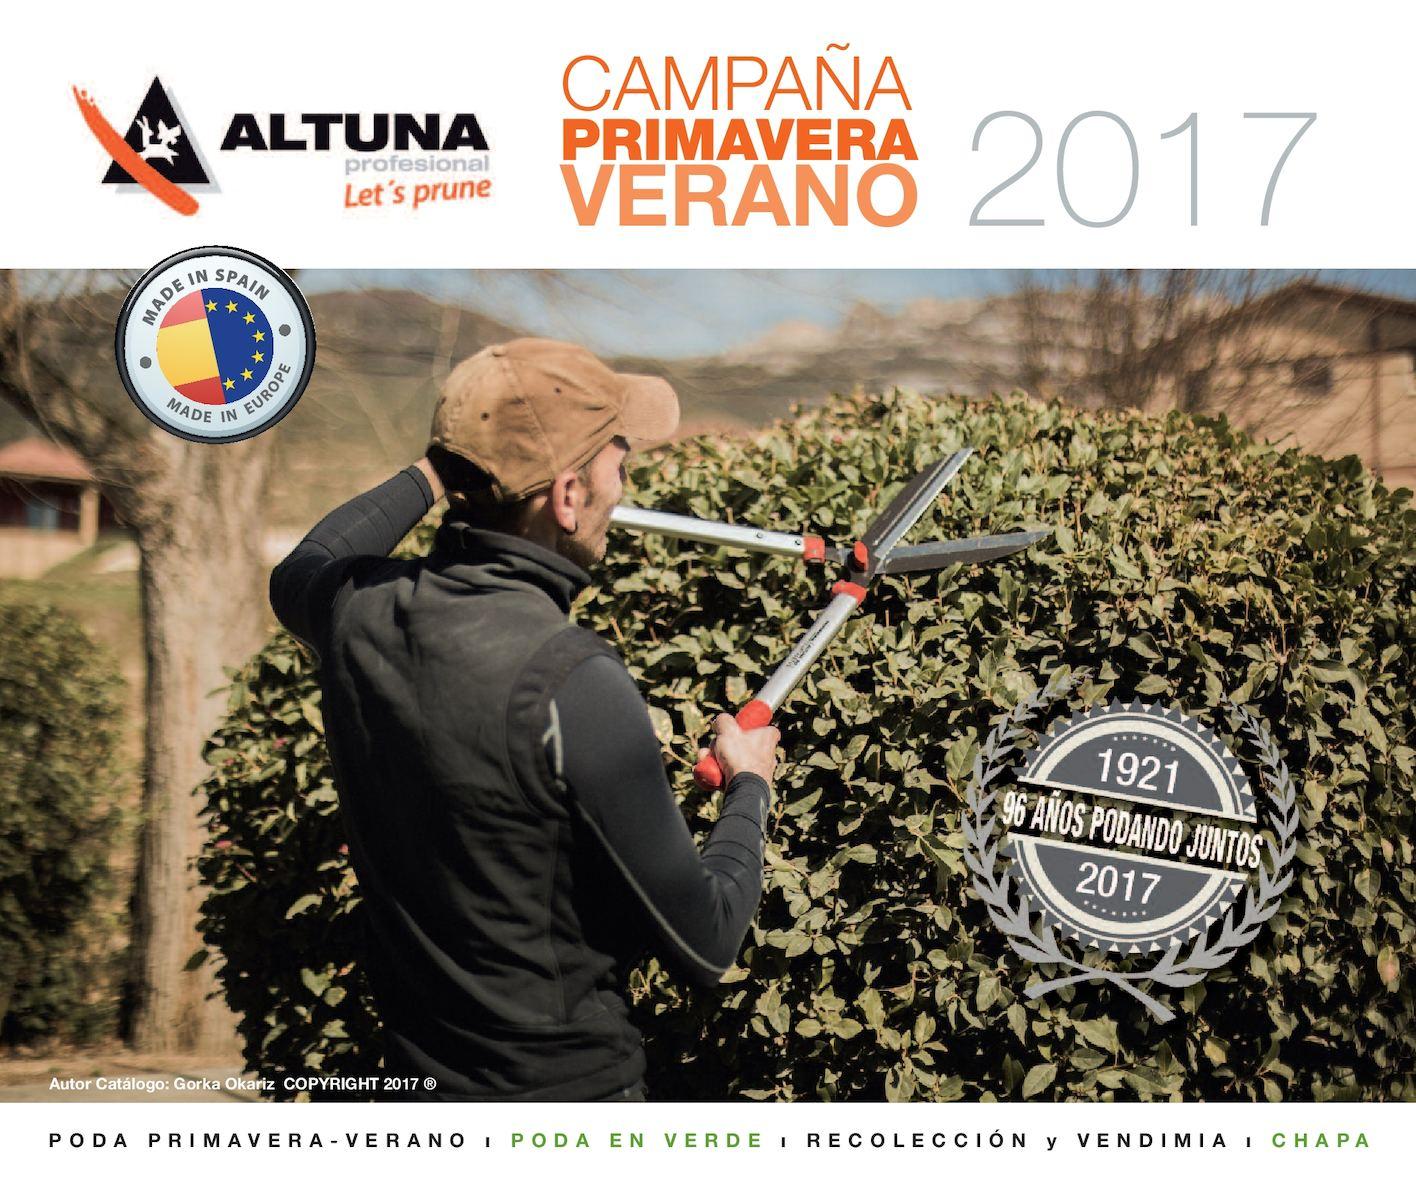 Altuna Poda 2017 Primavera